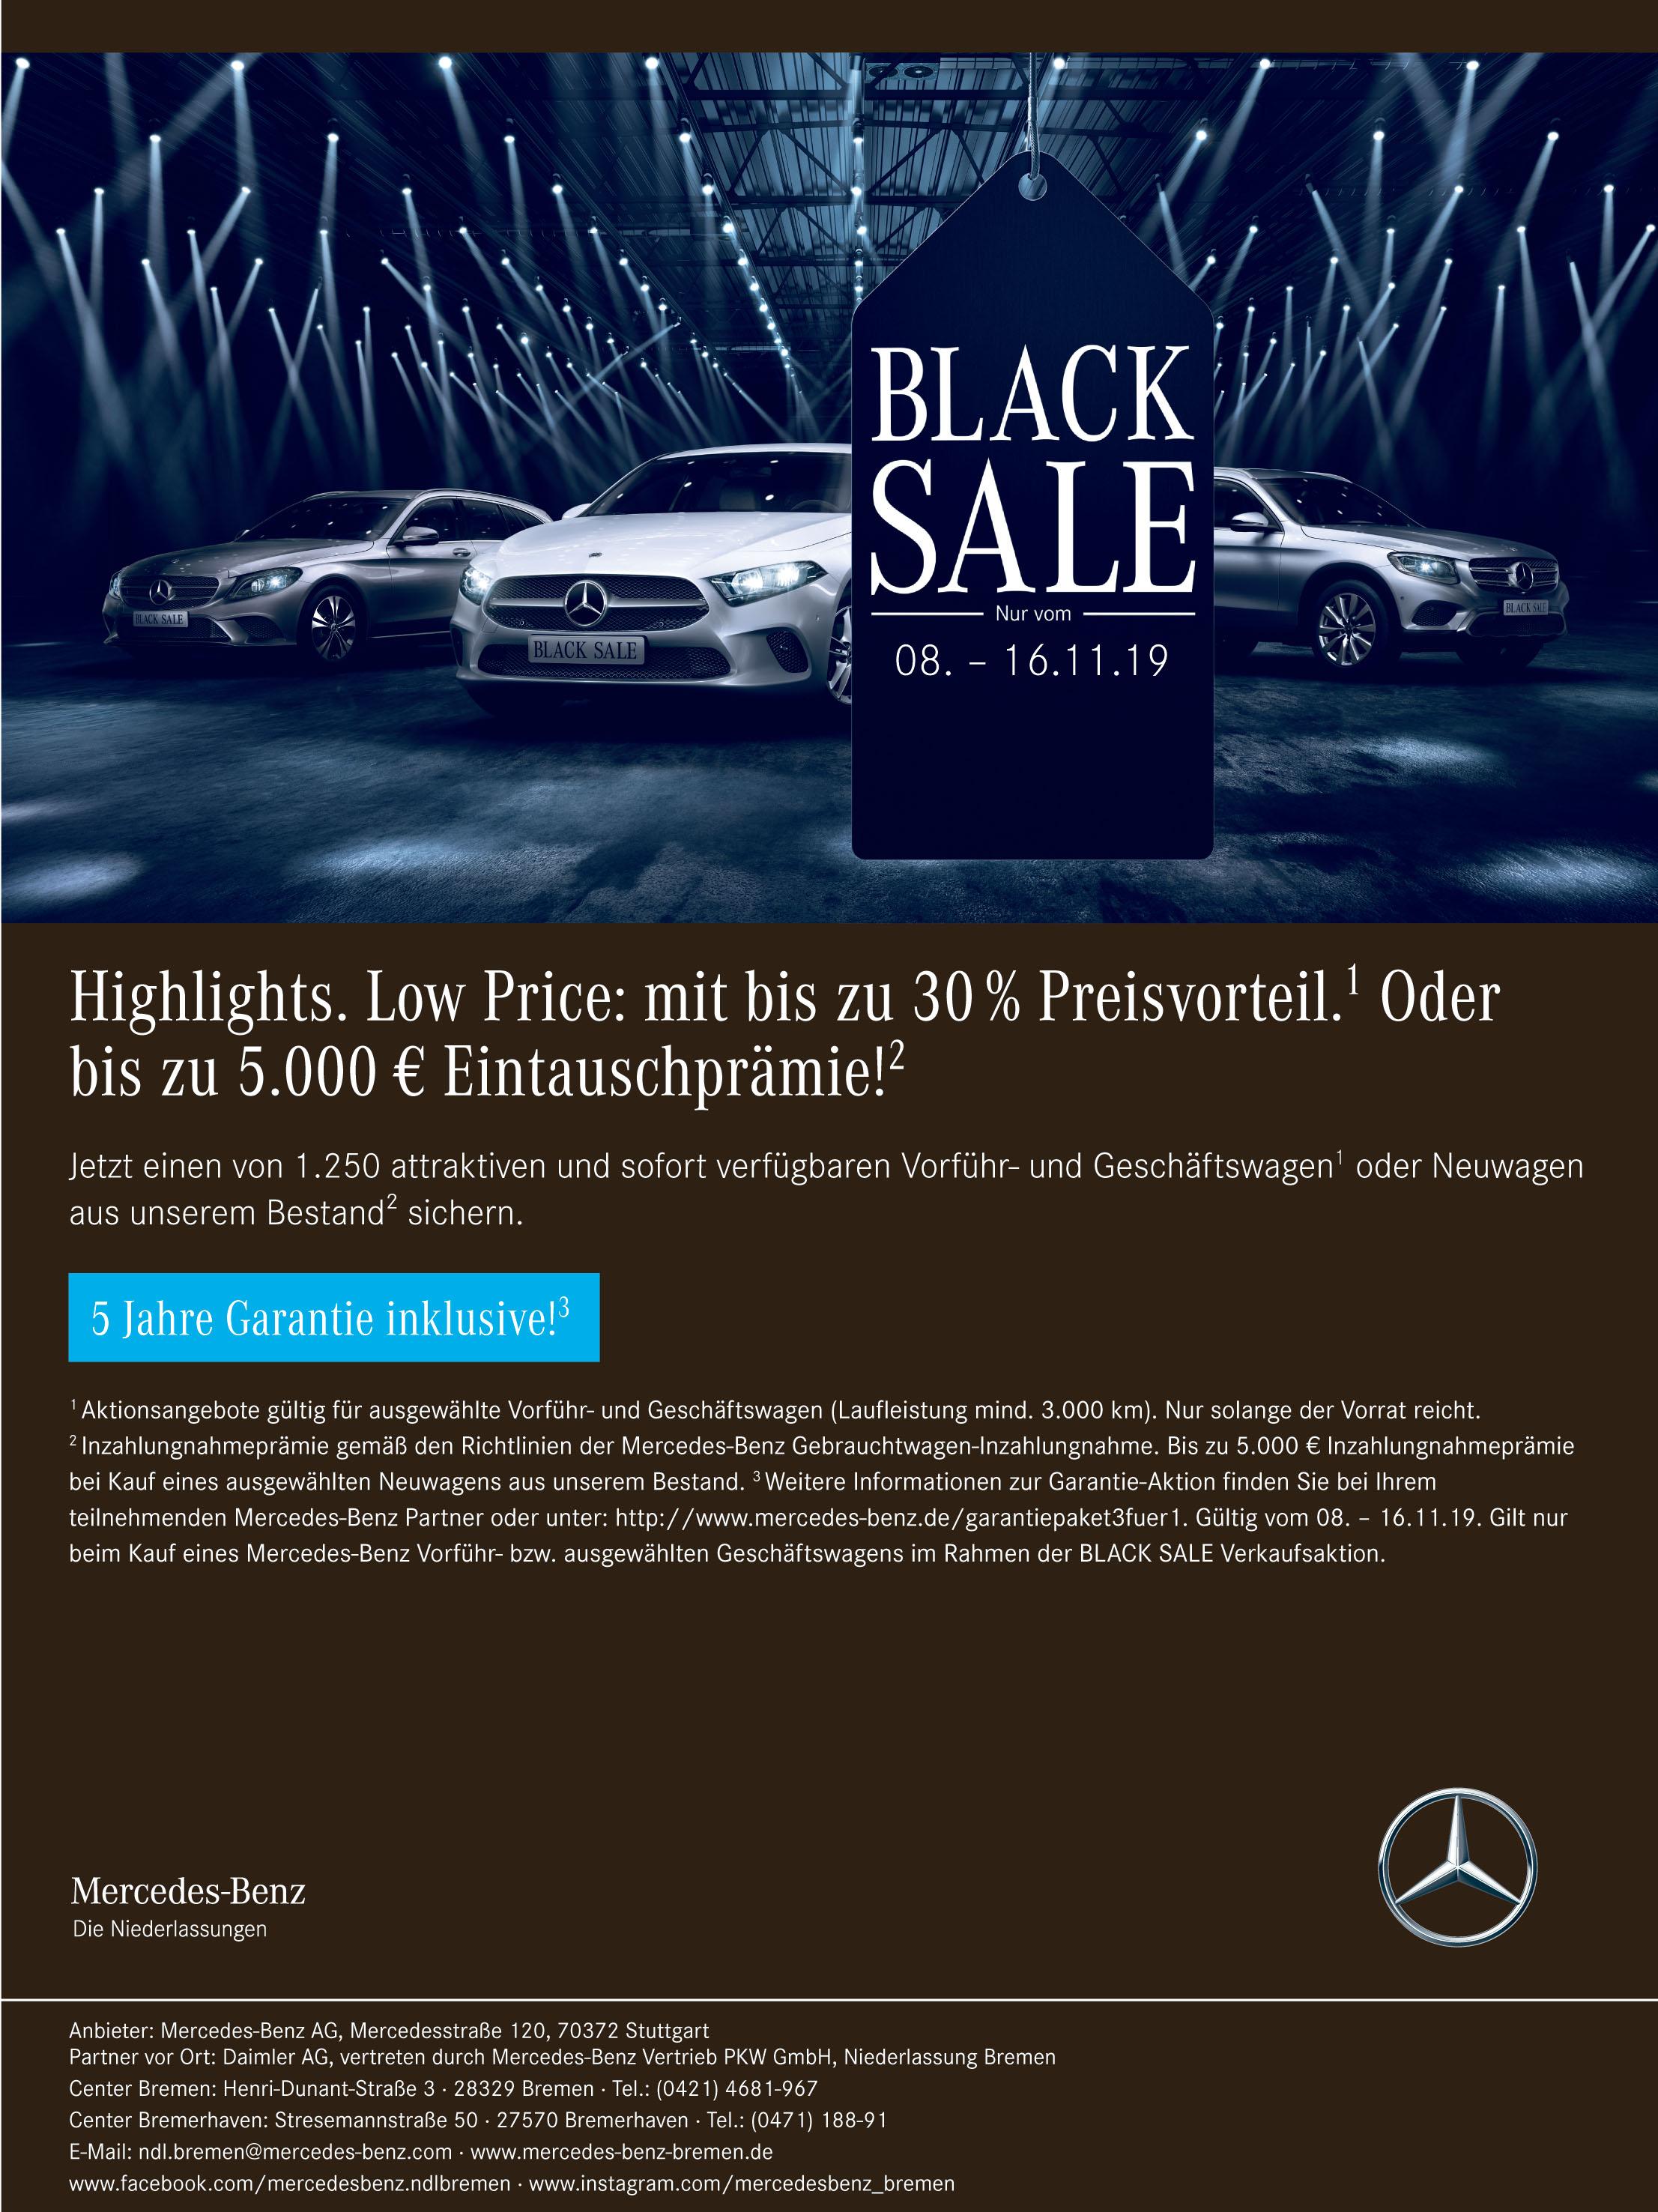 Mercedes-Benz Vertrieb PKW GmbH, Niederlassung Bremen